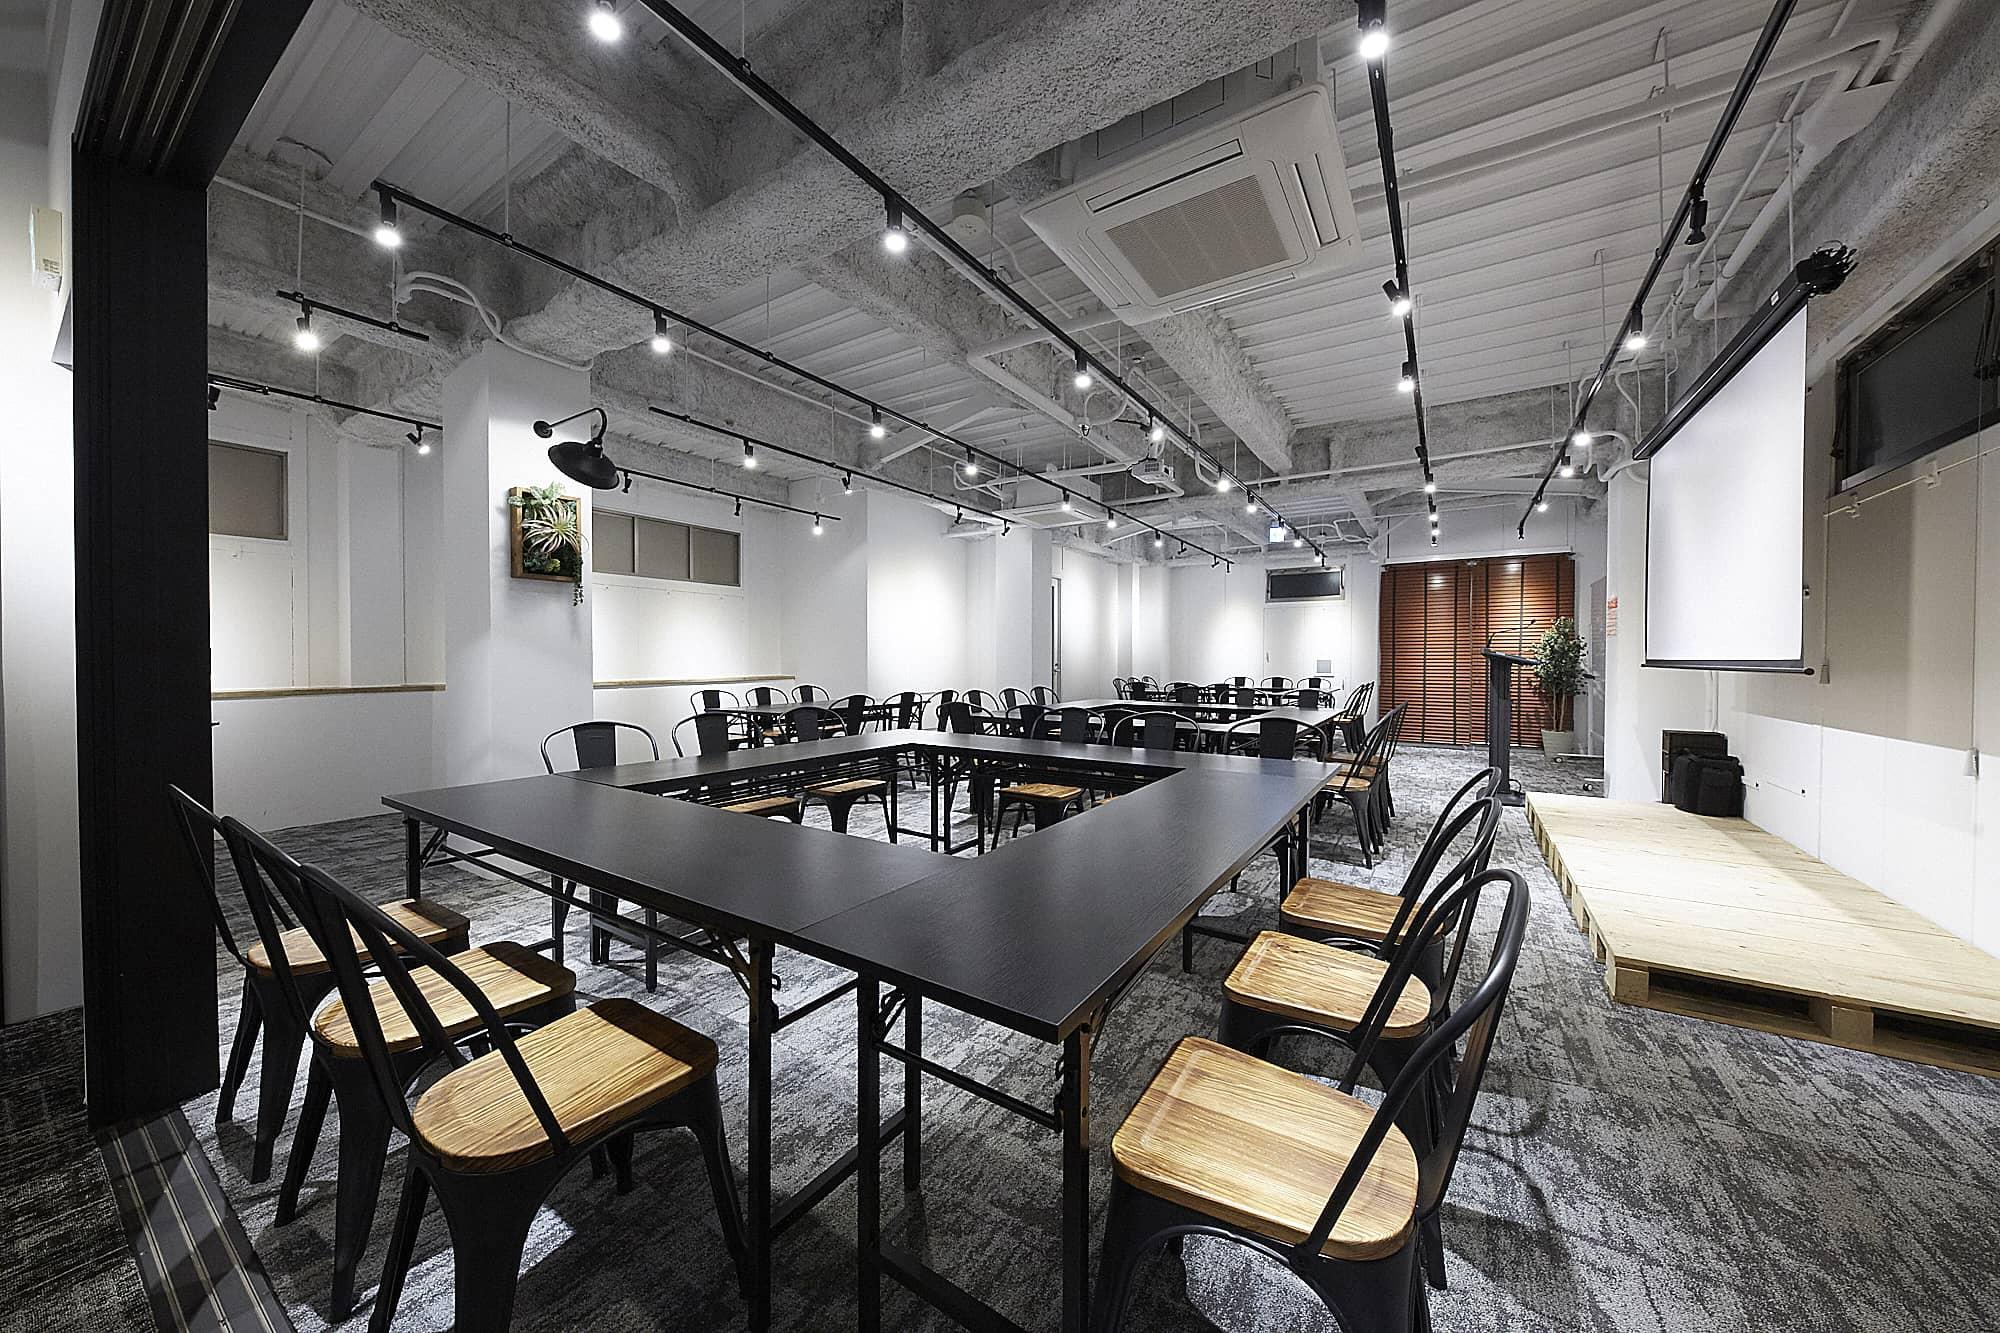 おしゃれ空間でいつもと違う会議を♪TIME SHARING五反田Ⅰ|TIME SHARING|タイムシェアリング |スペースマネジメント|あどばる|adval|SHARING